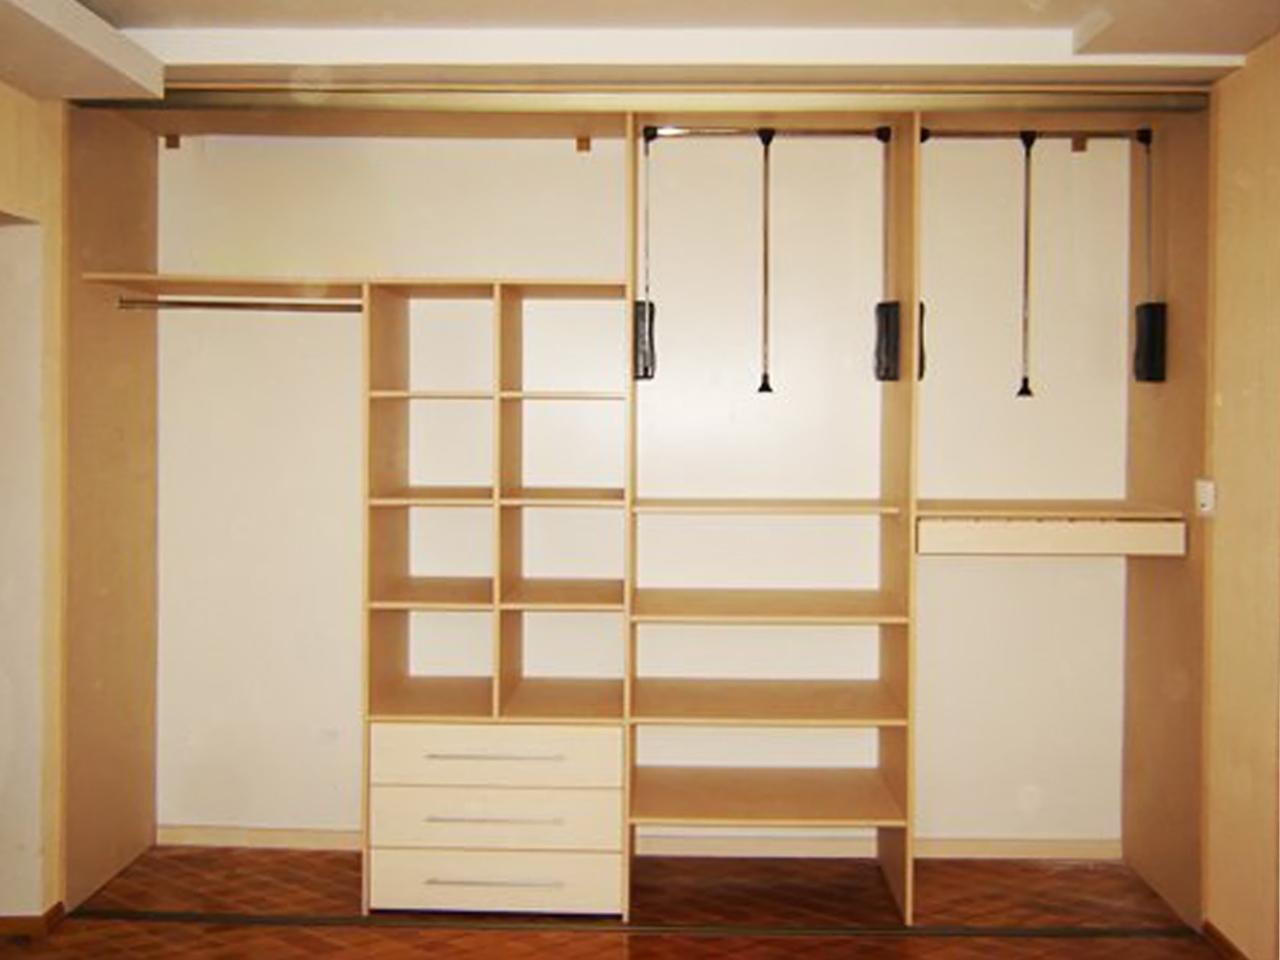 Шкаф купе на всю стену с полками внутри своими руками из дерева 28